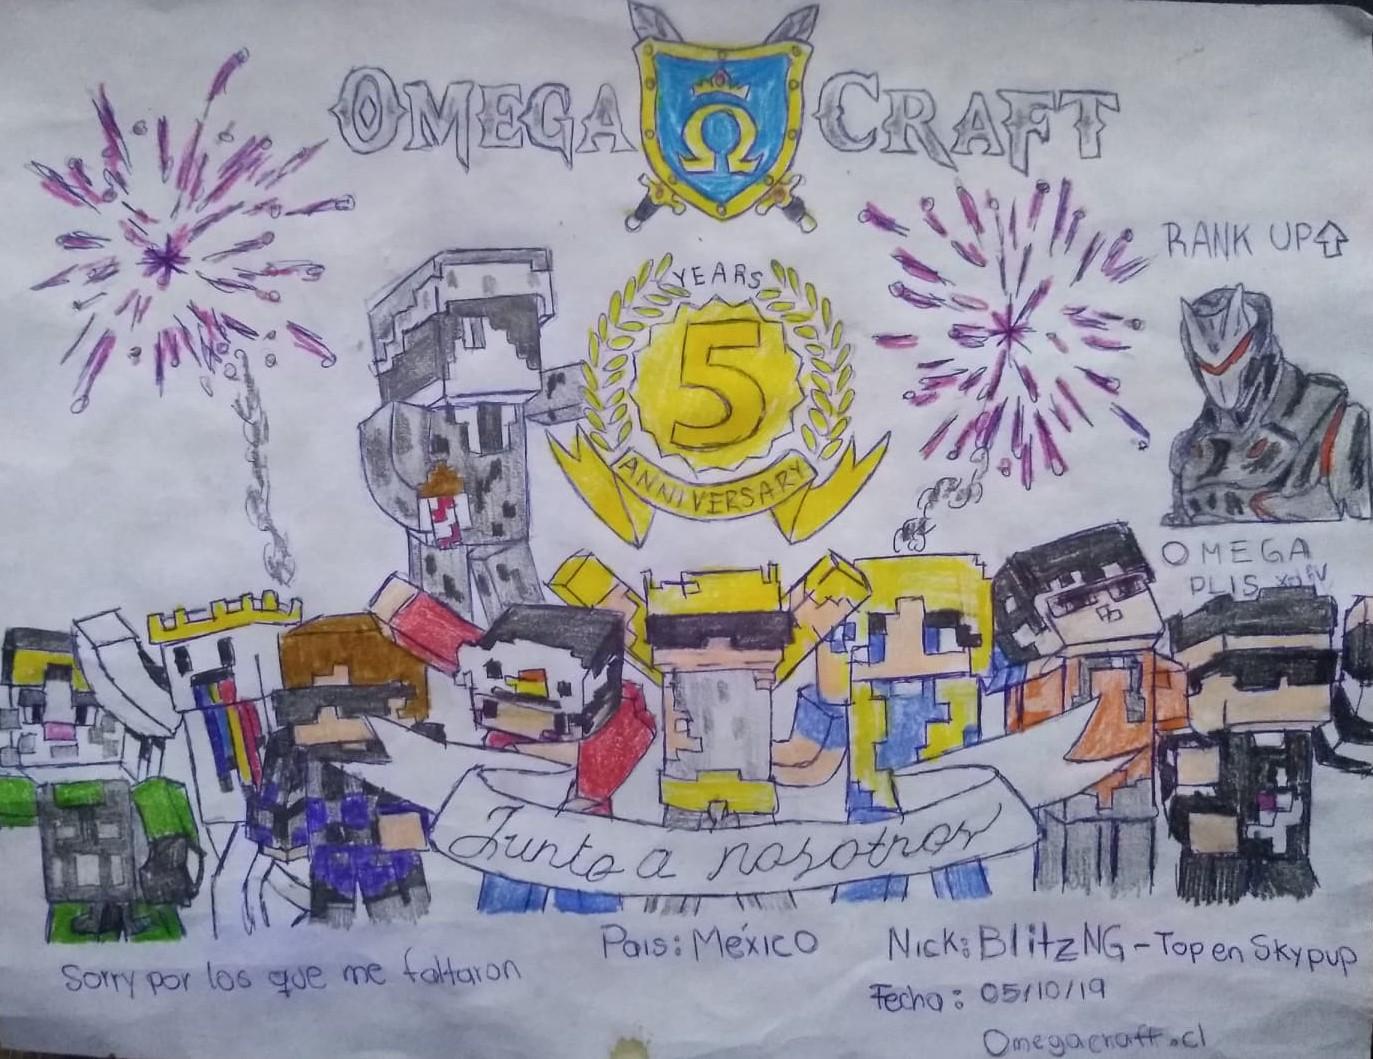 La historia de OmegaCraft desde la perspectiva de un Ex-Administrador